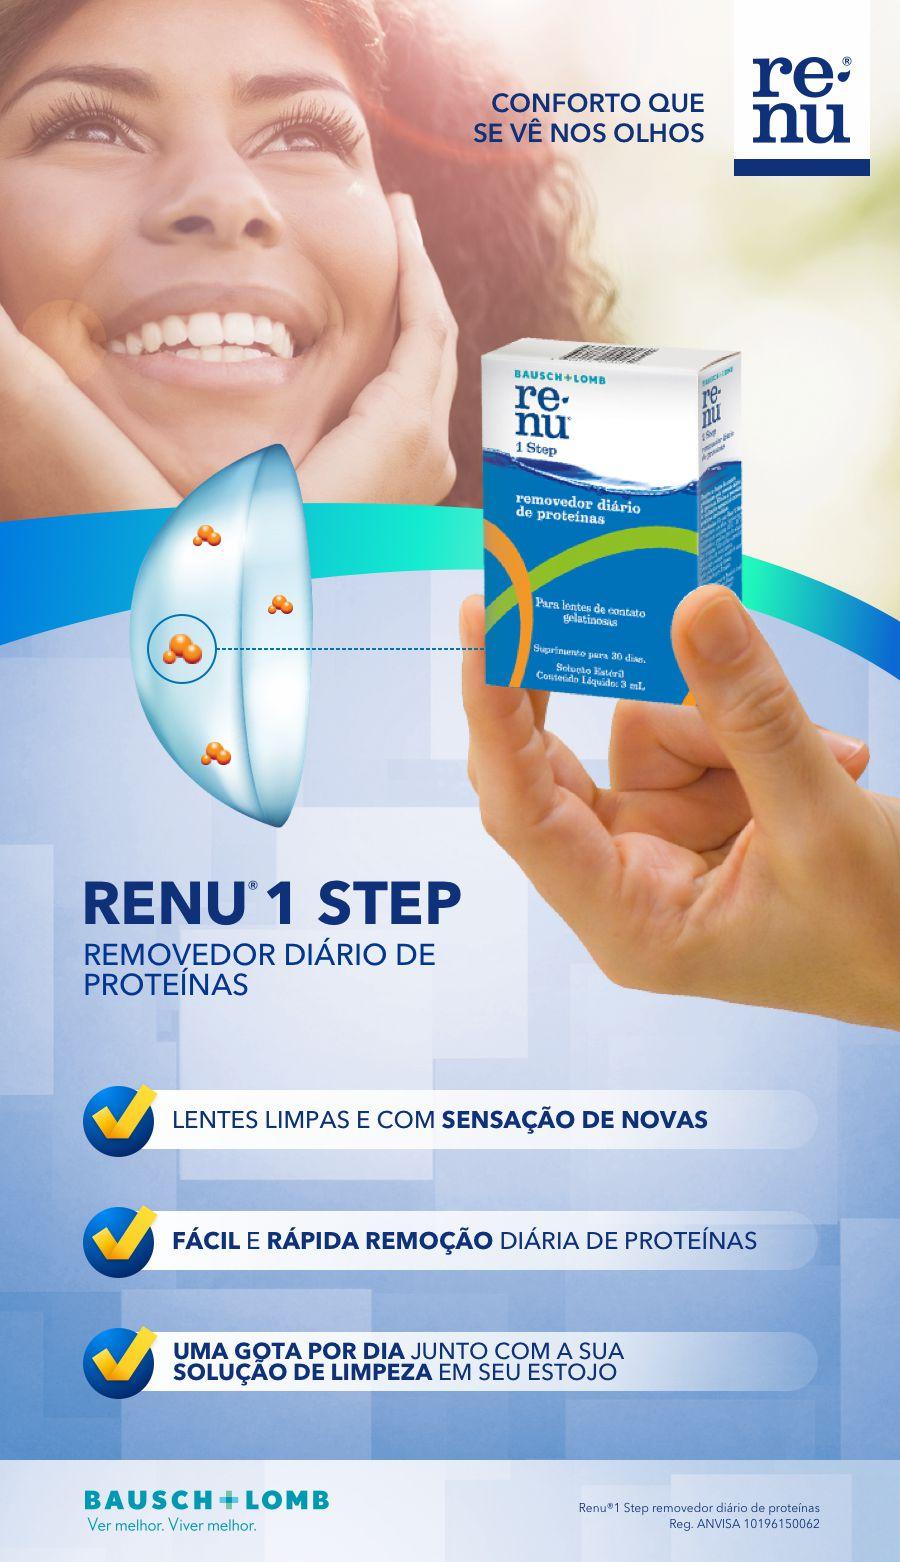 Renu 1 Step